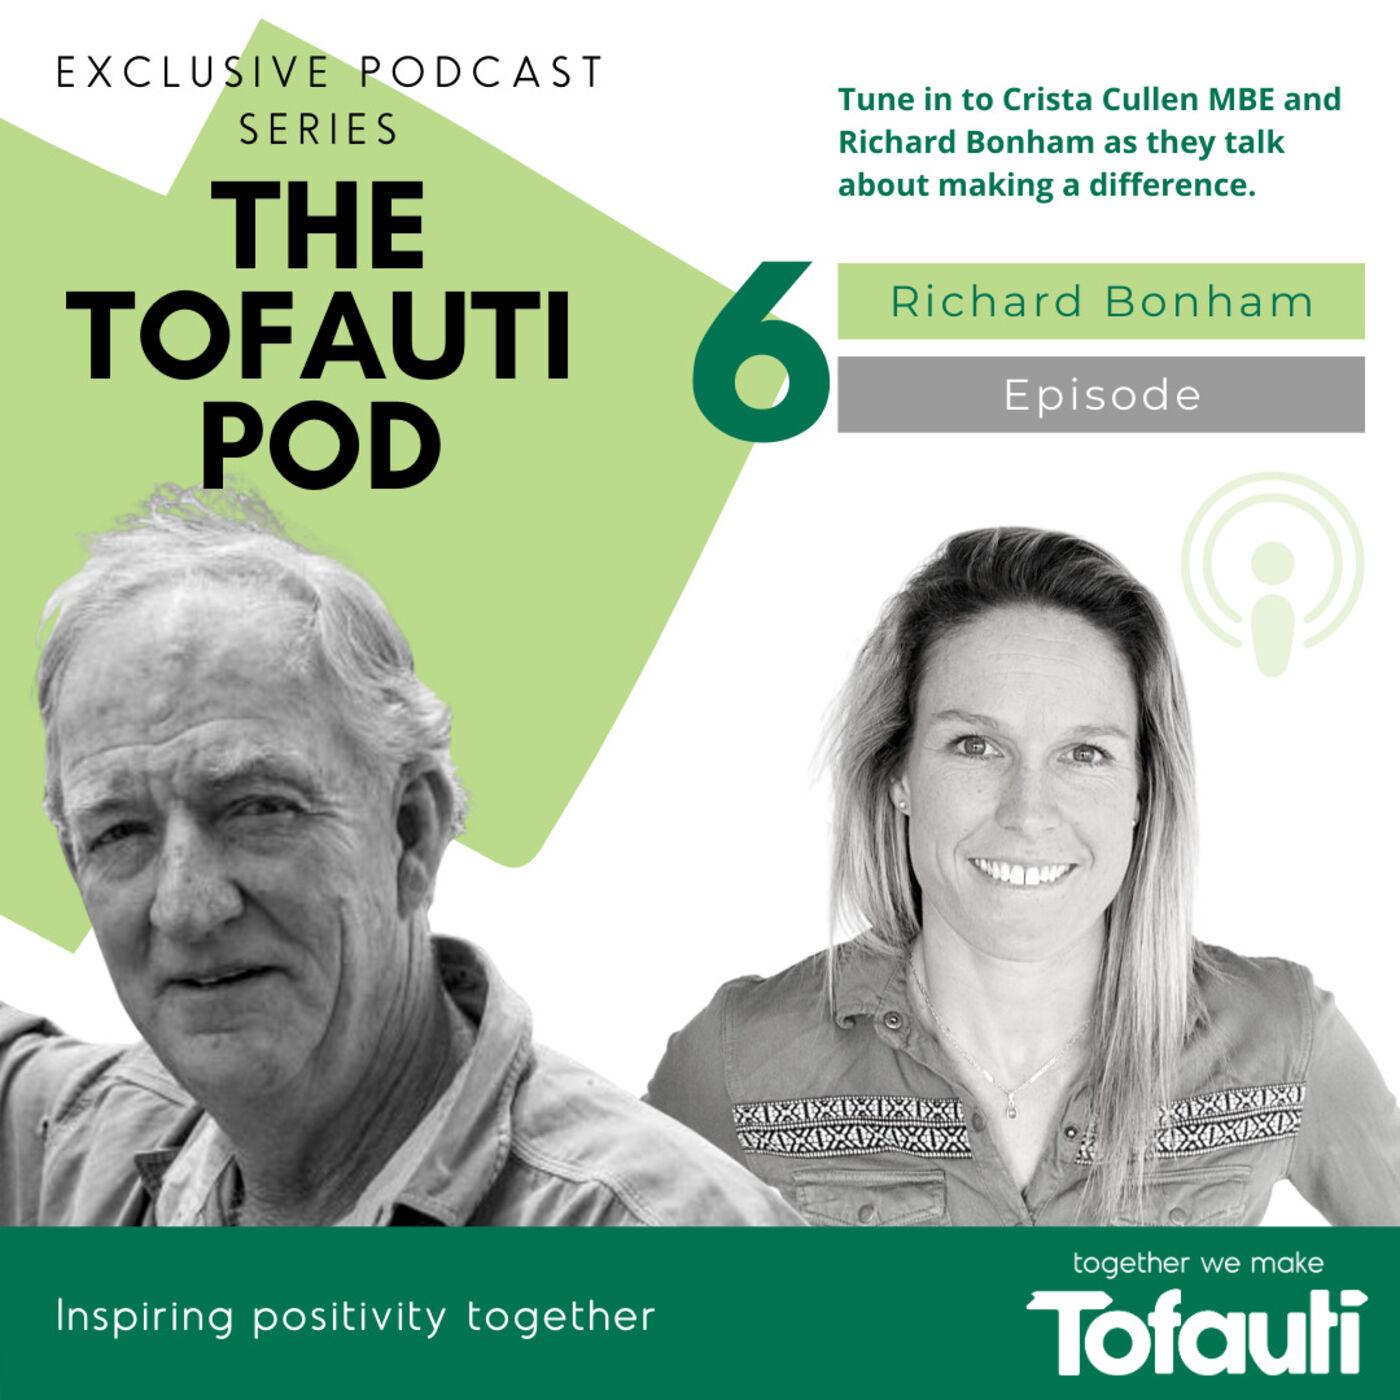 Episode Six - Richard Bonham, Big Life Foundation co-founder